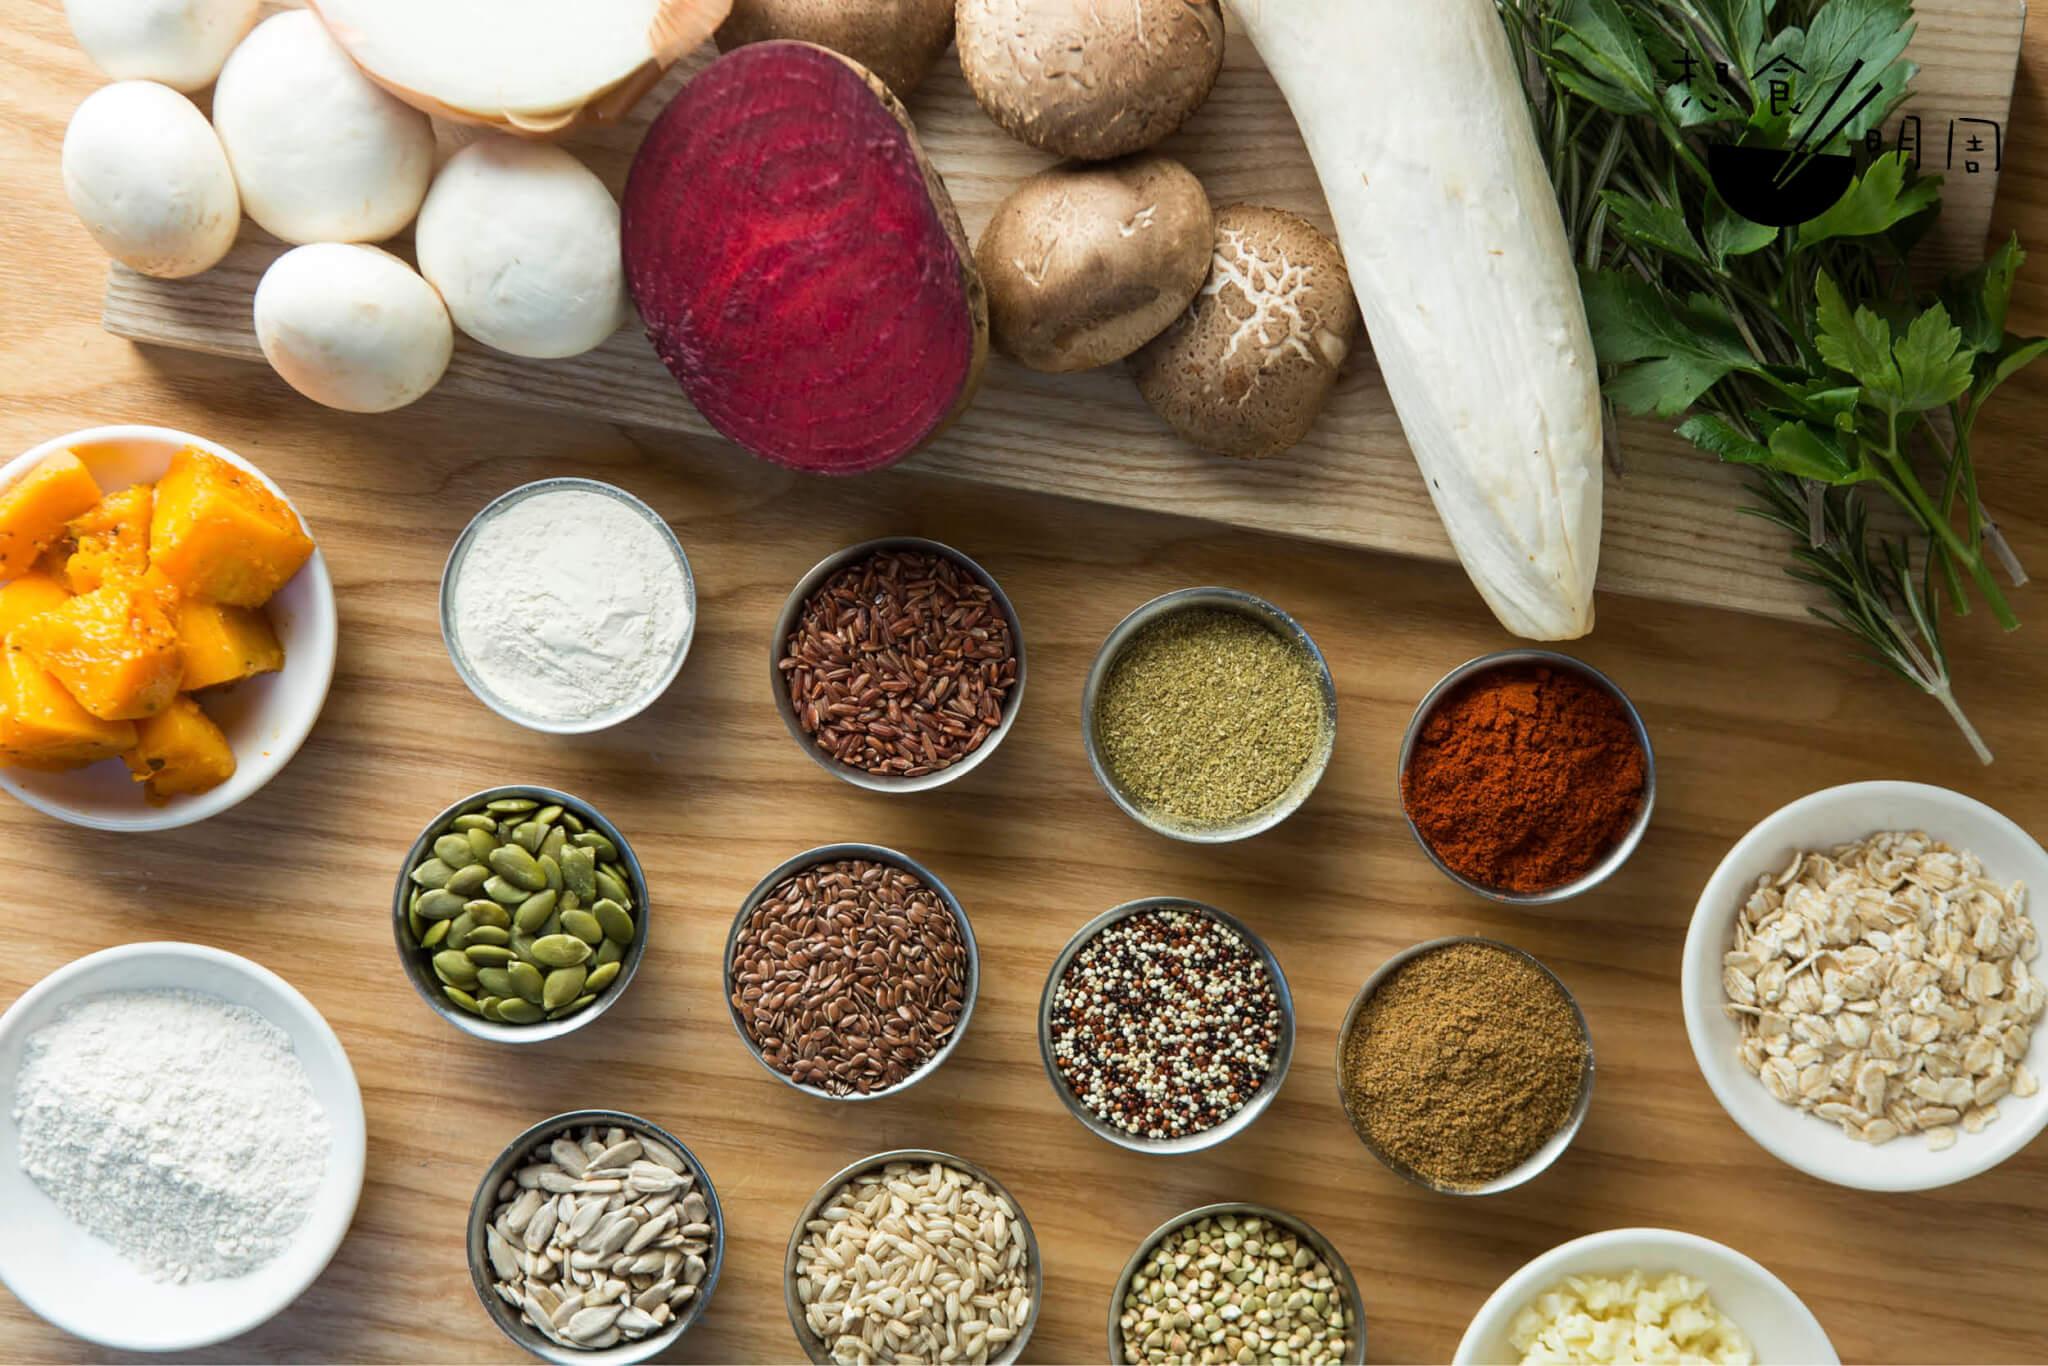 你看到的許多食材:紅菜頭、洋葱、南瓜、大小菇菌、米粒、香草、調料⋯⋯都是廚師精挑細選的食材,就為了「不作弊地以自然食材營造仿肉的口感」,從而搓製出最消化得宜的「漢堡扒」。